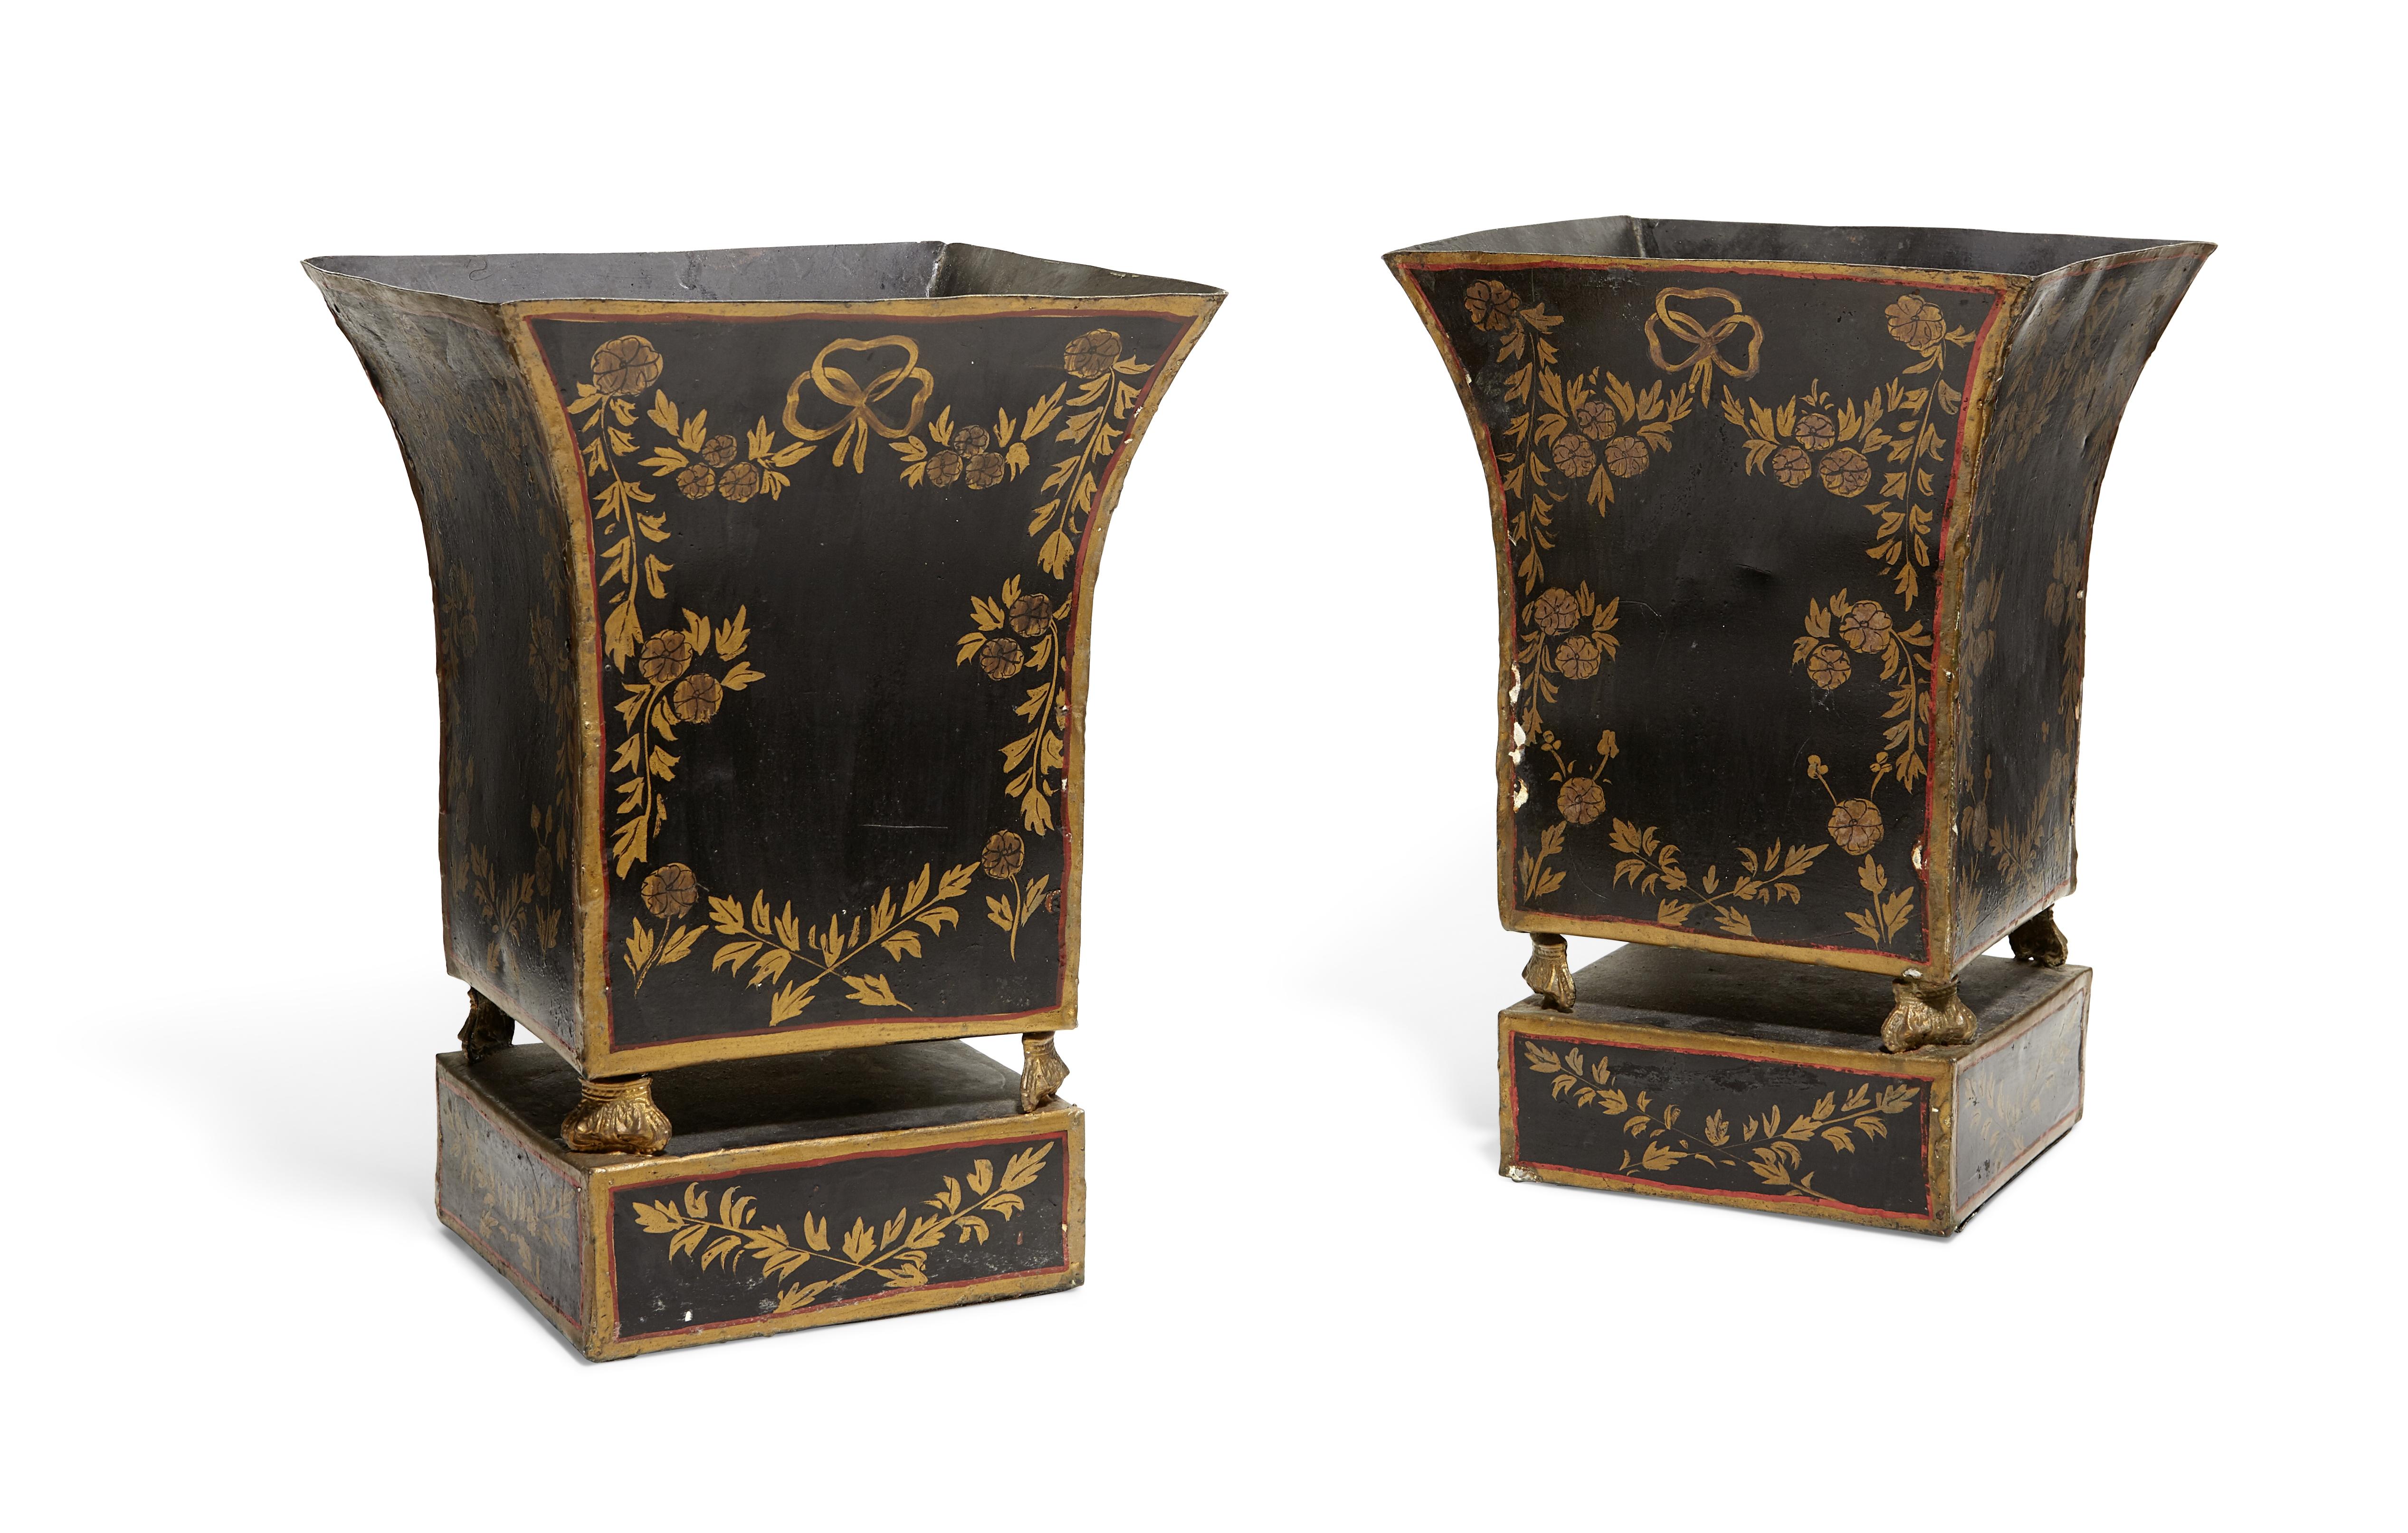 Lot 243 - A pair Continental black and gilt tôle peinte jardinières 20th century